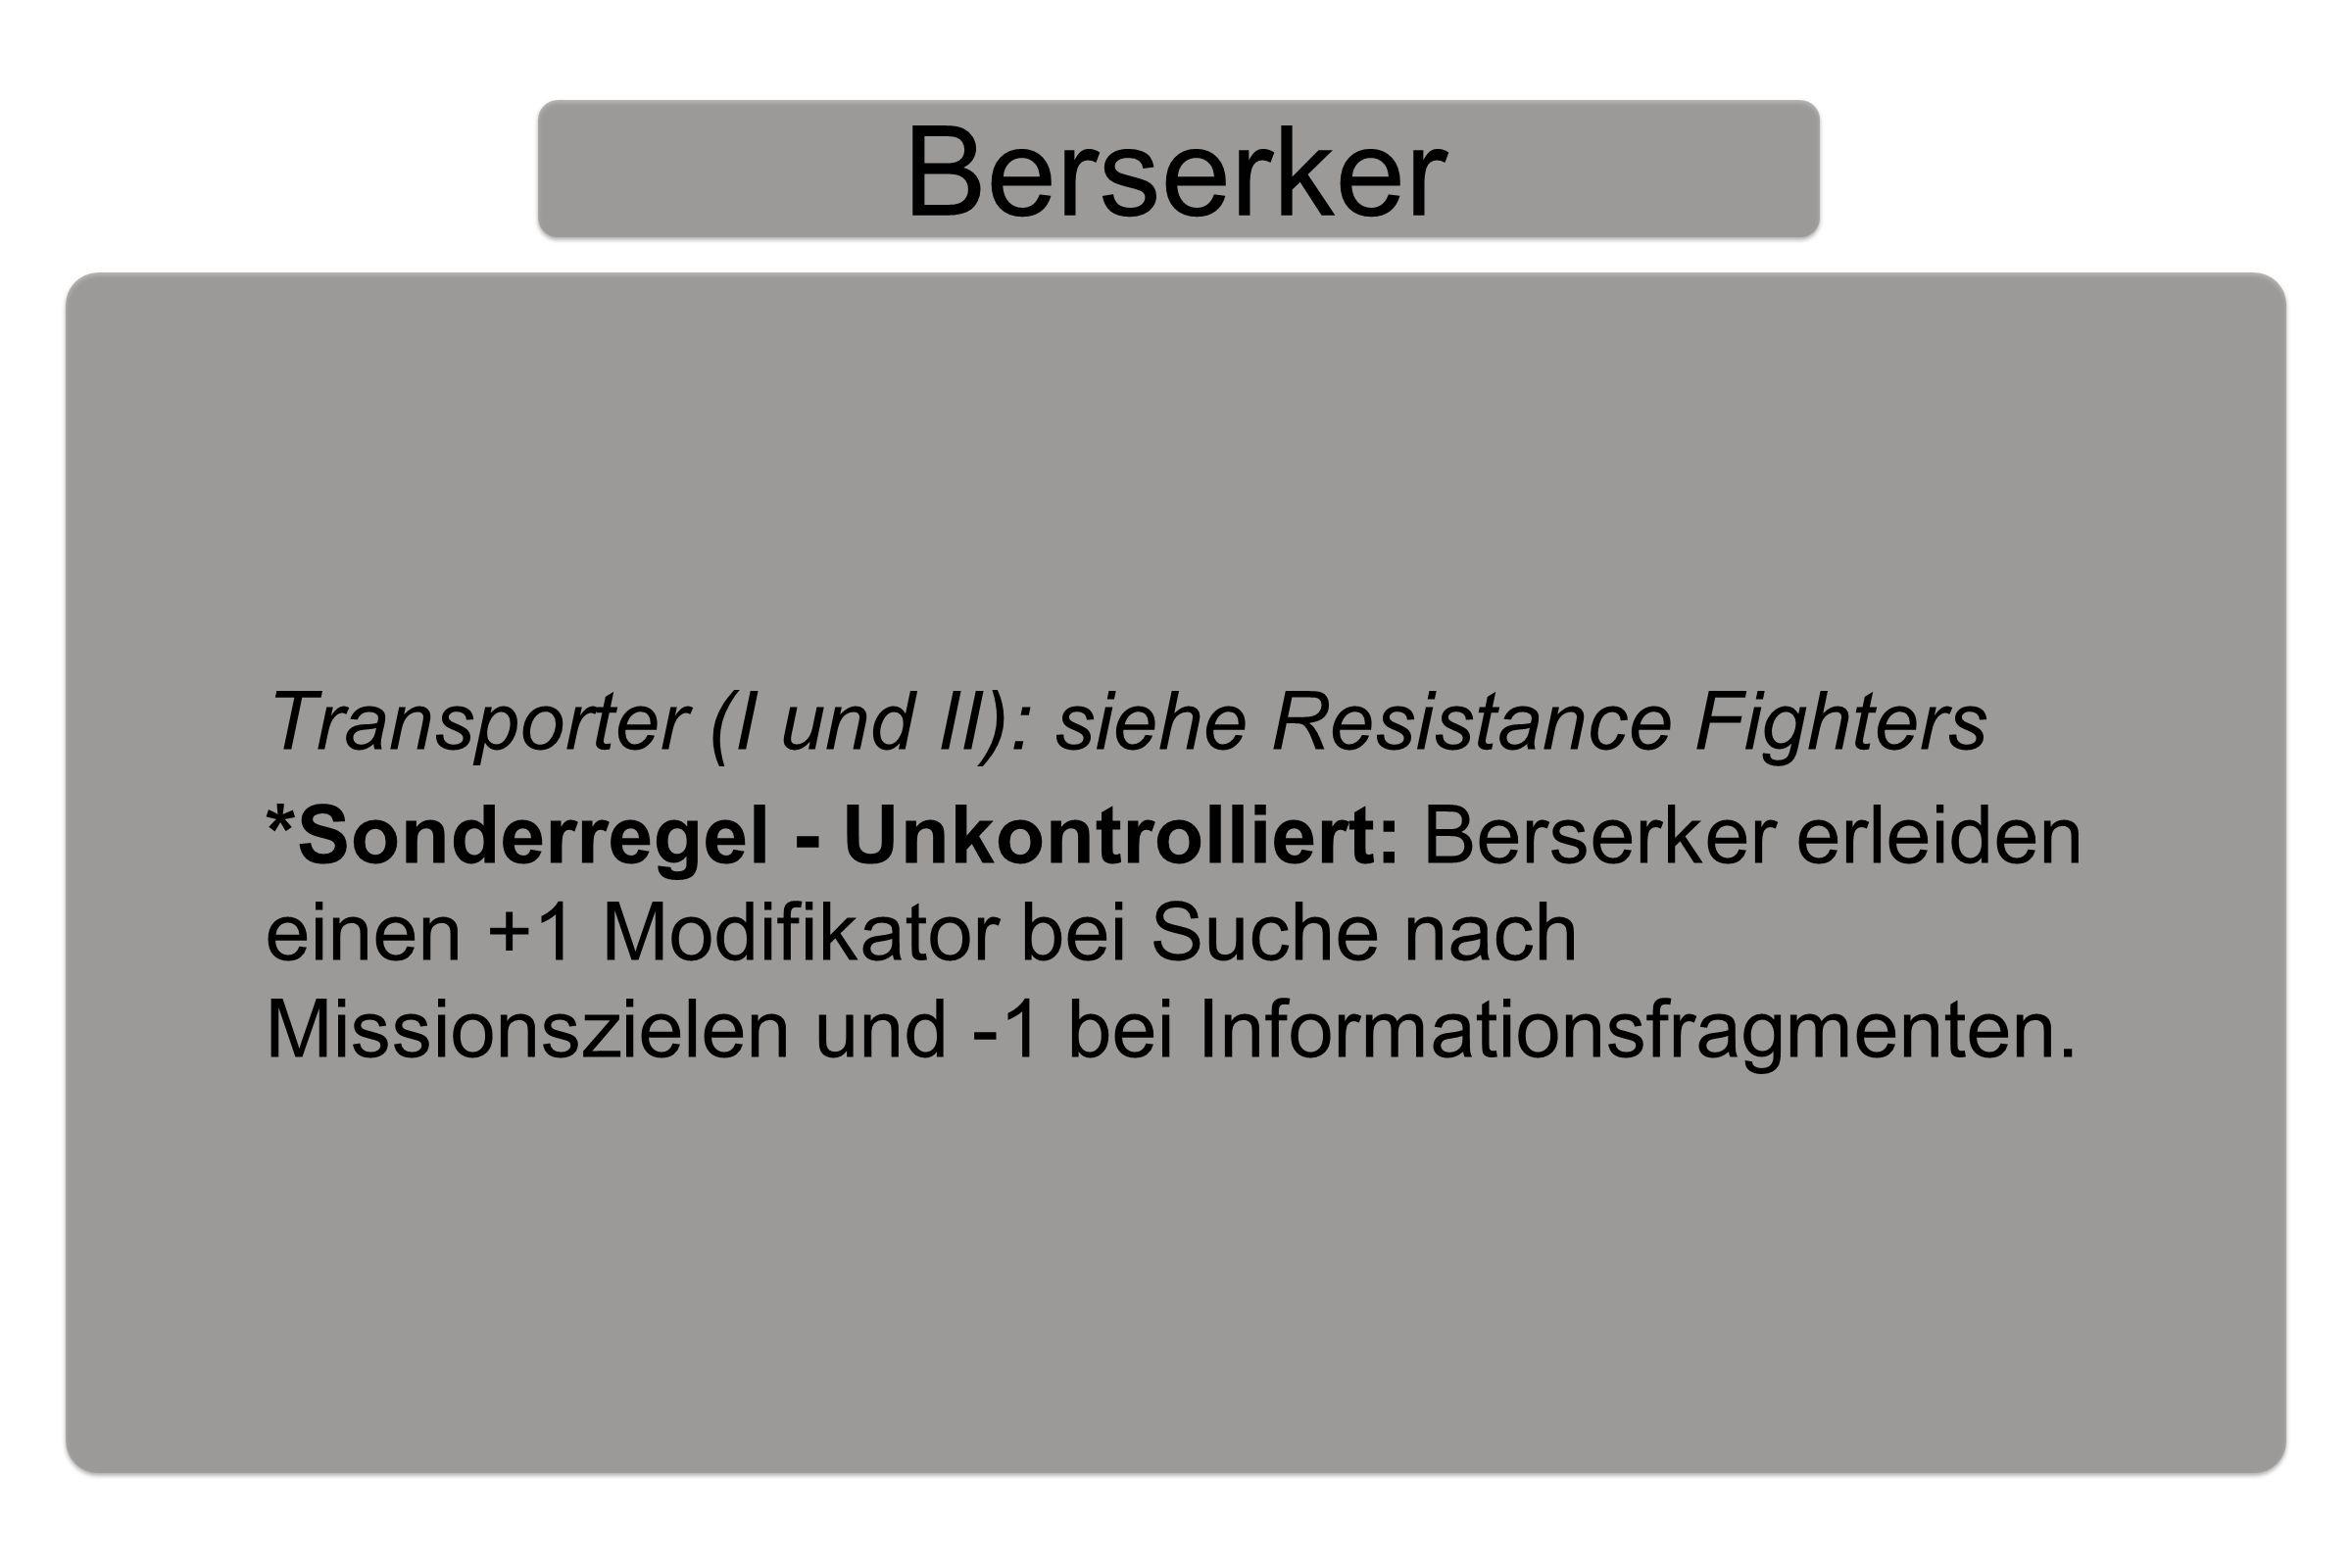 Berserker Transporter (I und II): siehe Resistance Fighters *Sonderregel - Unkontrolliert: Berserker erleiden einen +1 Modifikator bei Suche nach Missionszielen und -1 bei Informationsfragmenten.